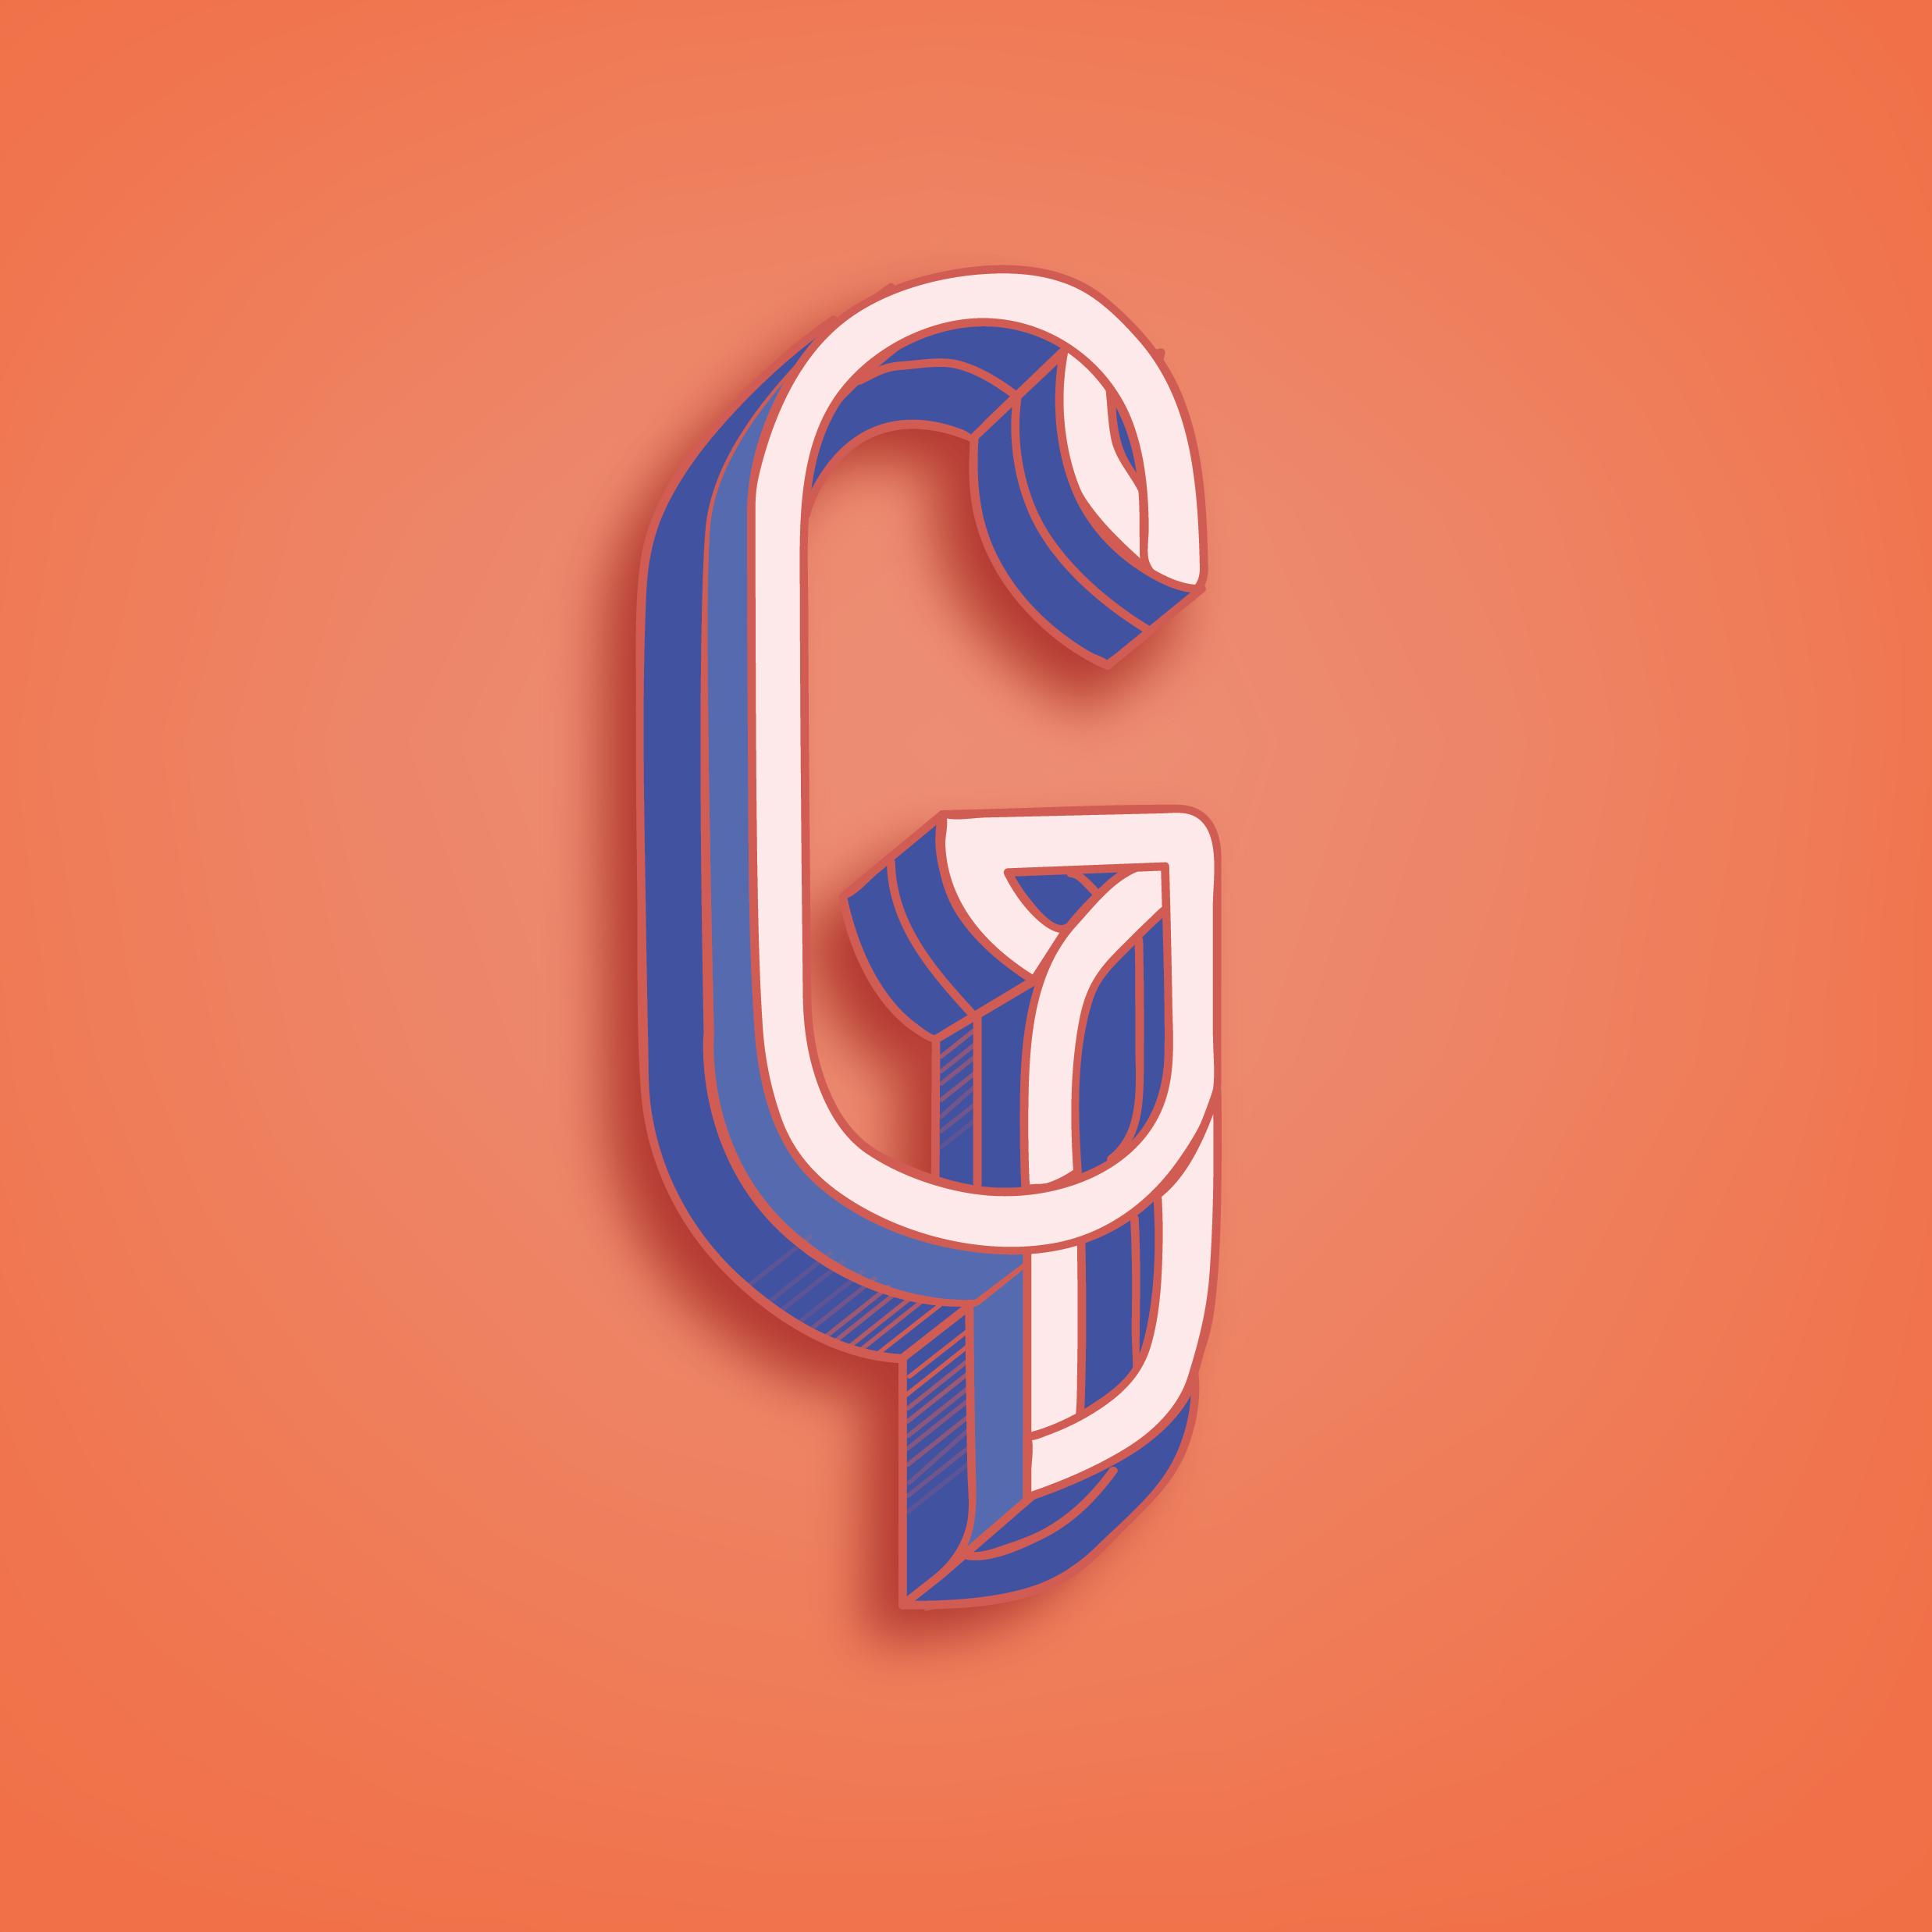 Letter G Design #2